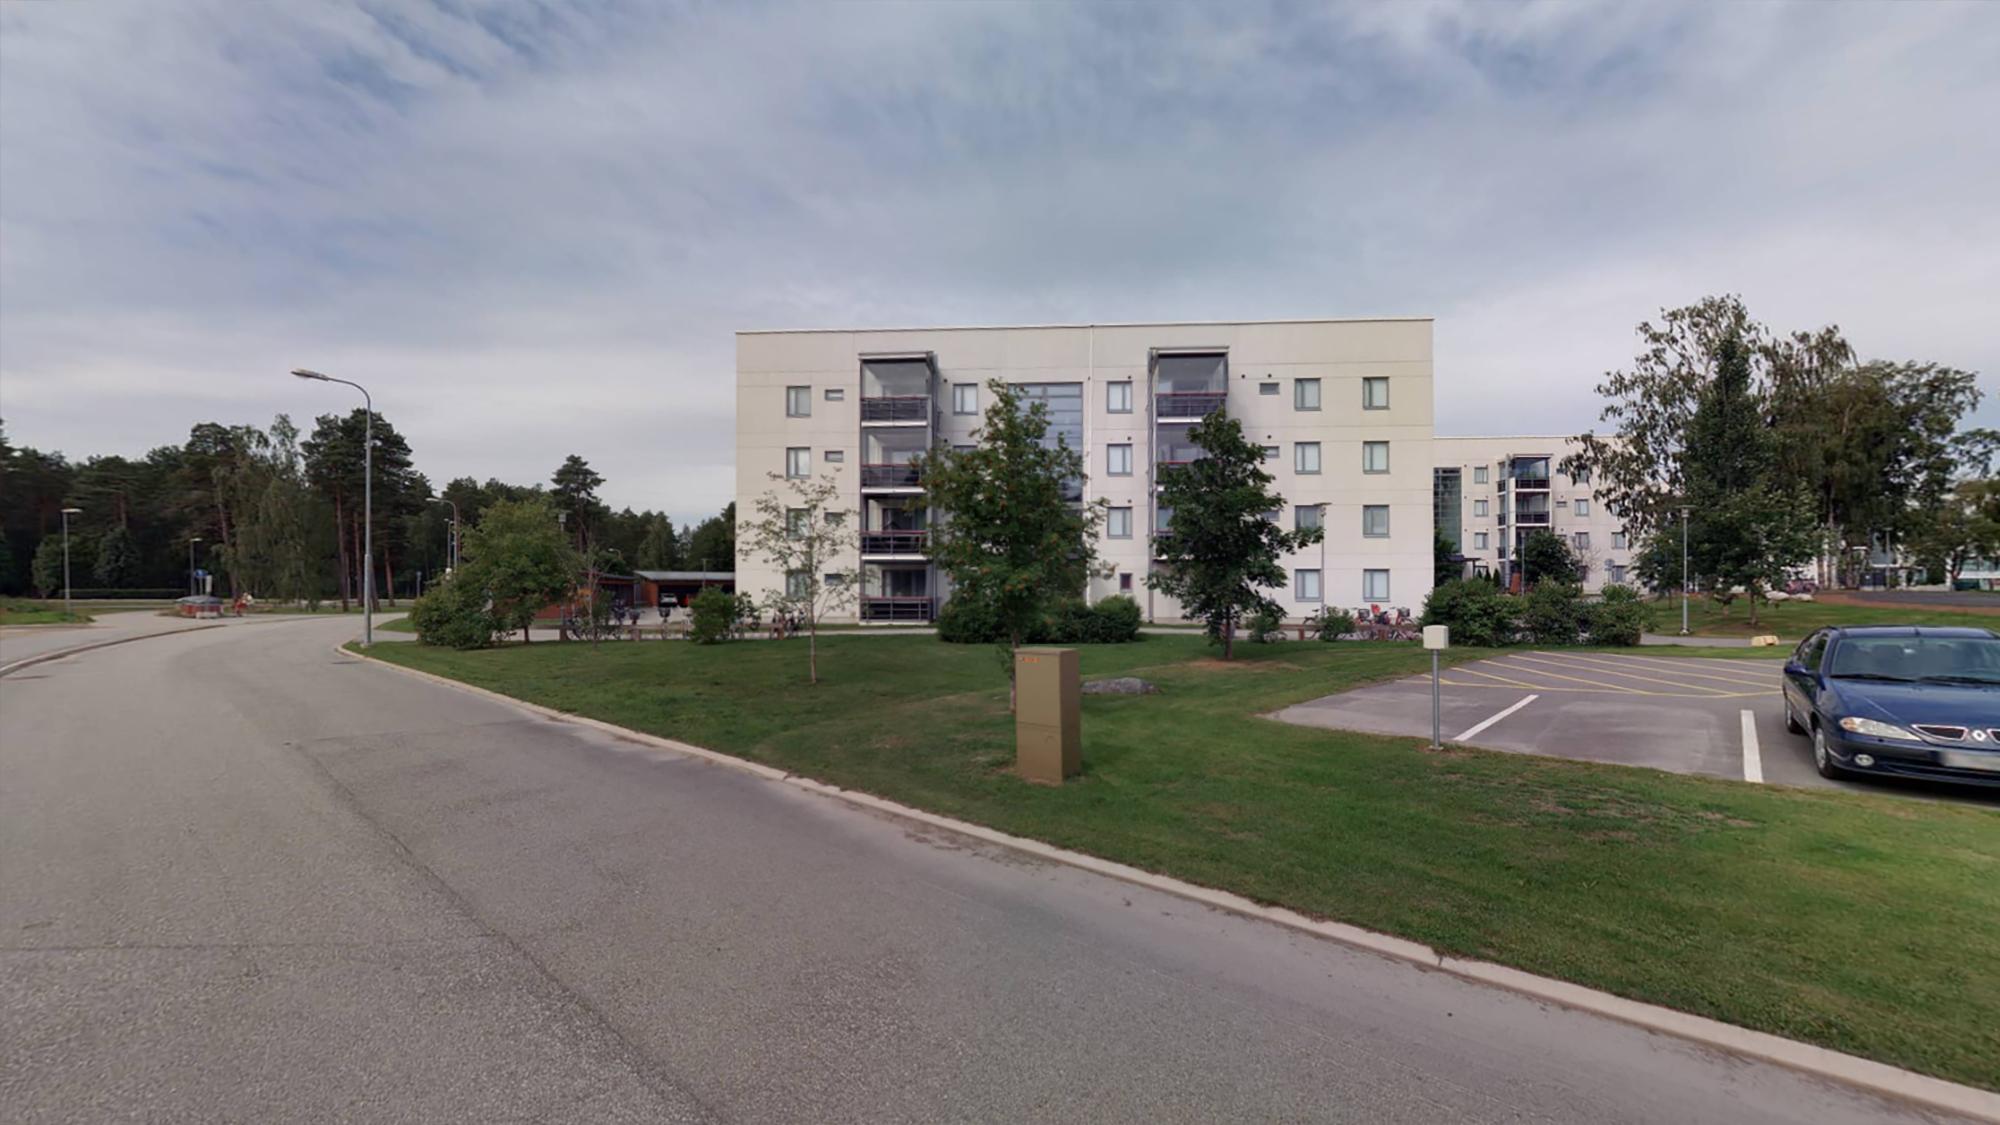 Ett ljust hyreshus i fyra våningar på Kanonvägen i Beckbruket fotat från vägen framför huset. Framför huset finns en gräsmatta och små buskar. I bakgrunden syns ett annat ljust våningshus.